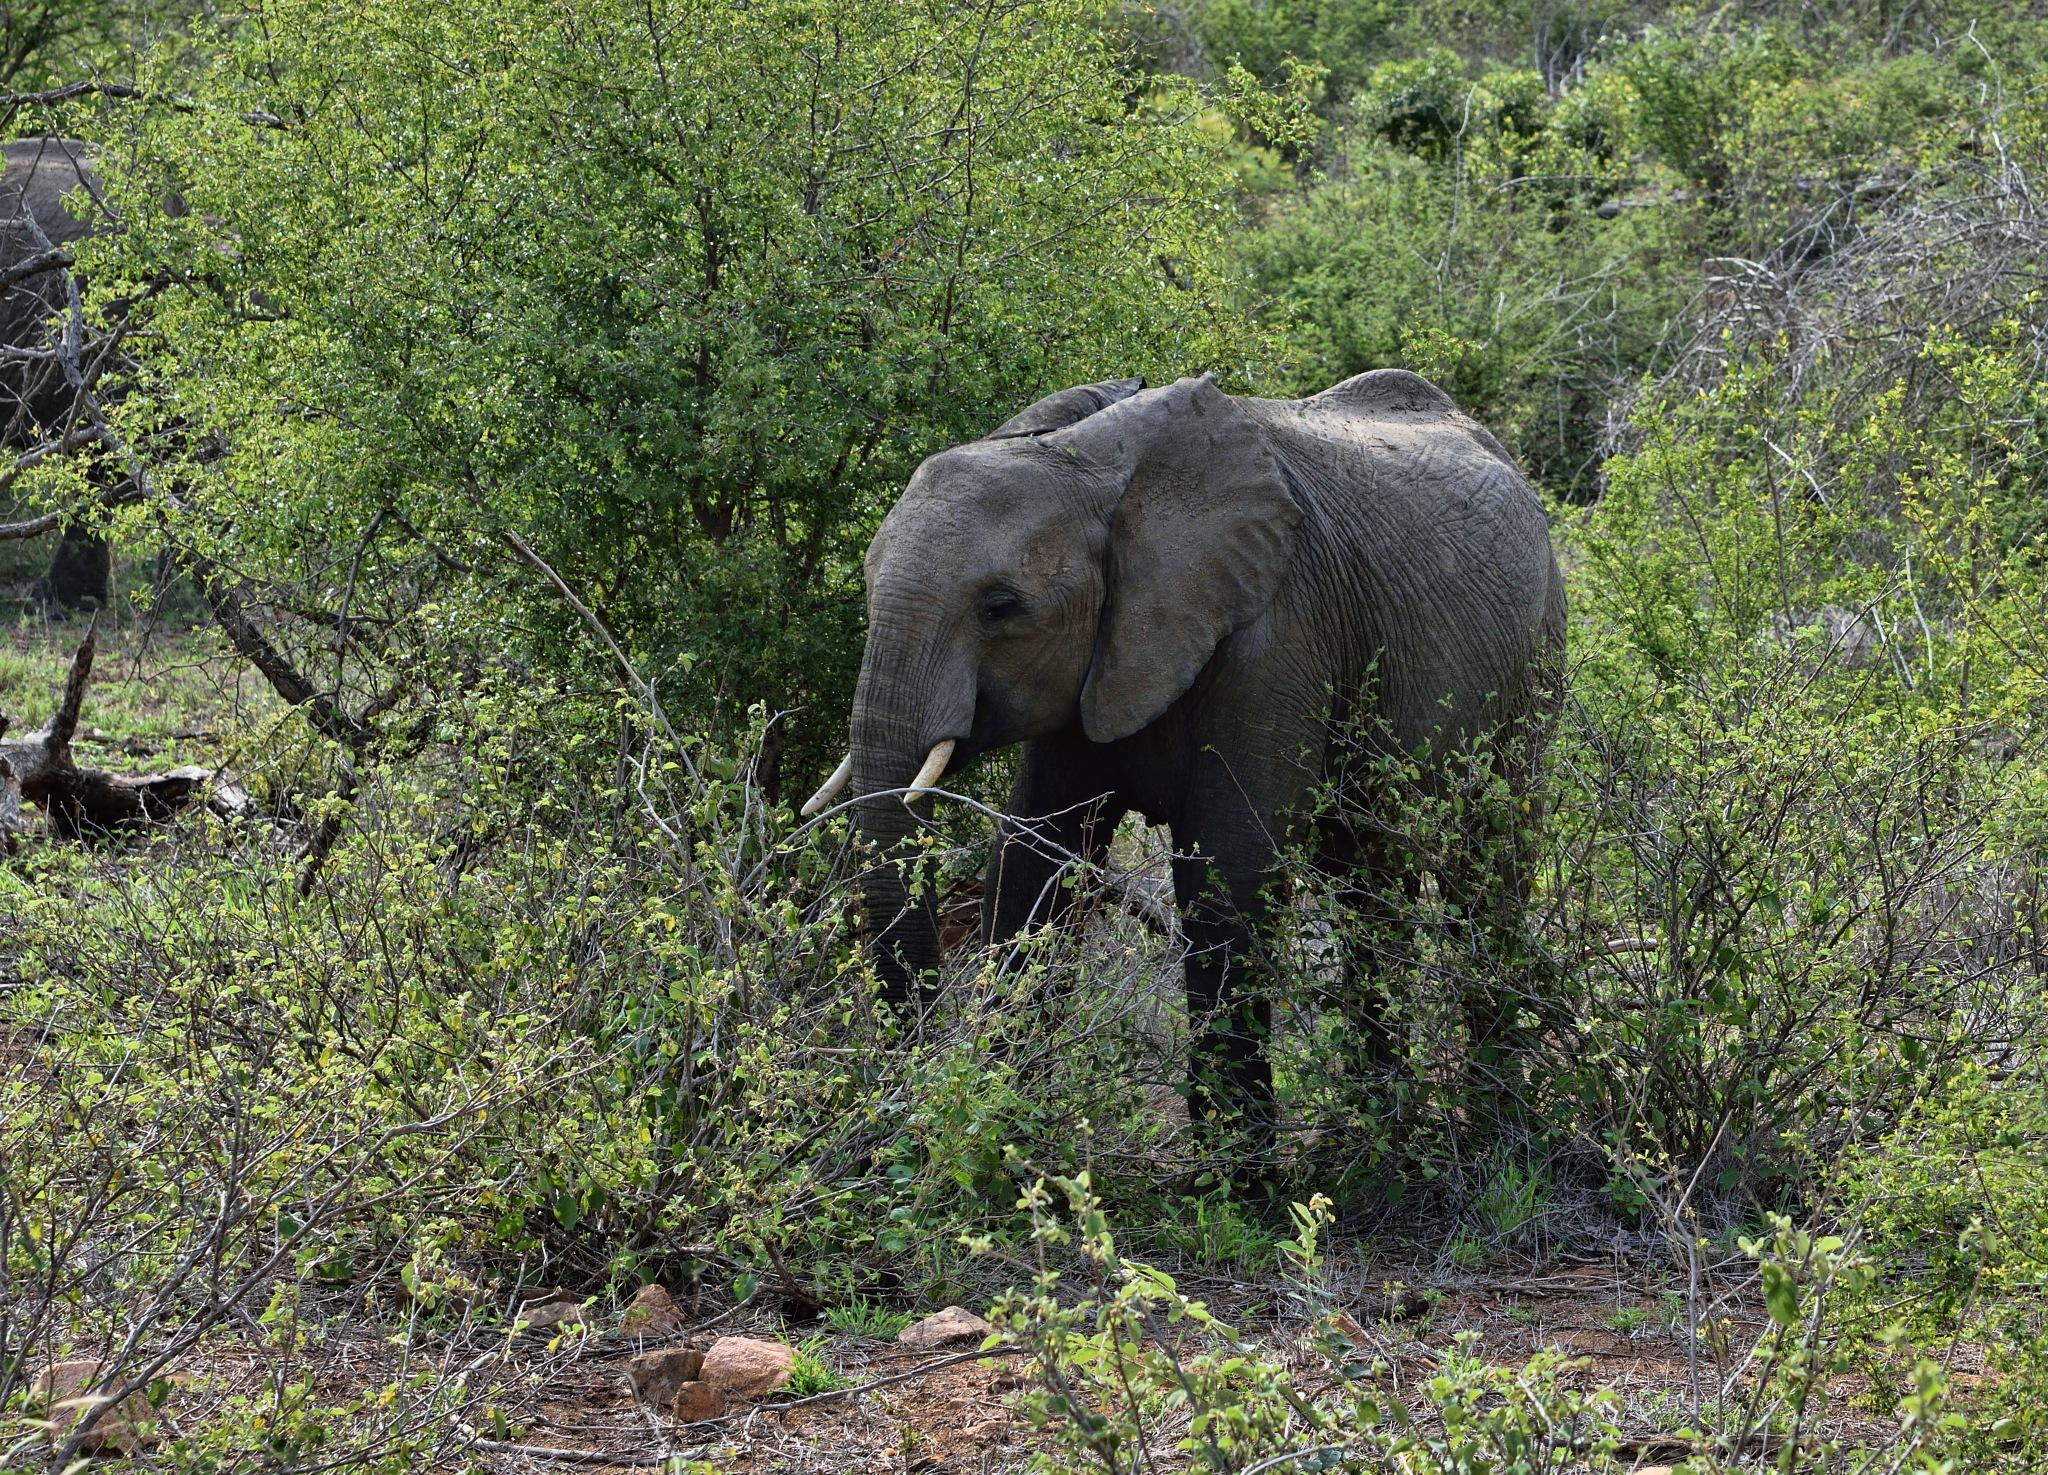 South Africa - Kruger Park (192) African Elephant by Derek Clarke